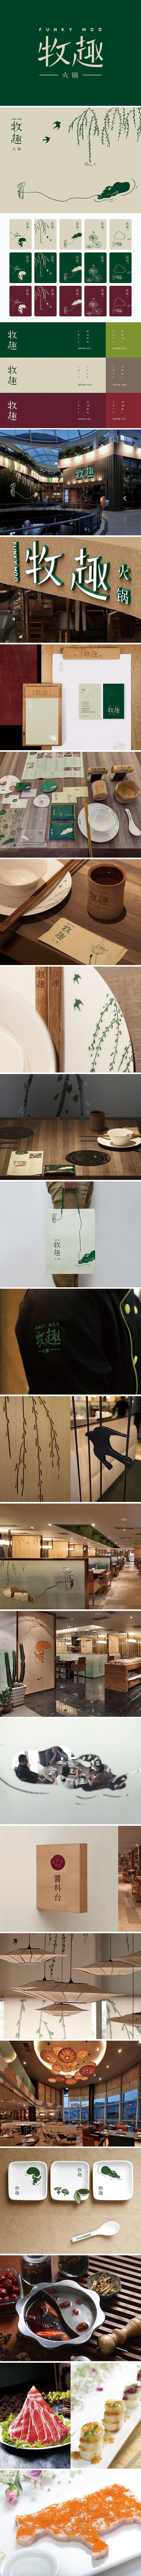 牧趣火锅品牌形象设计